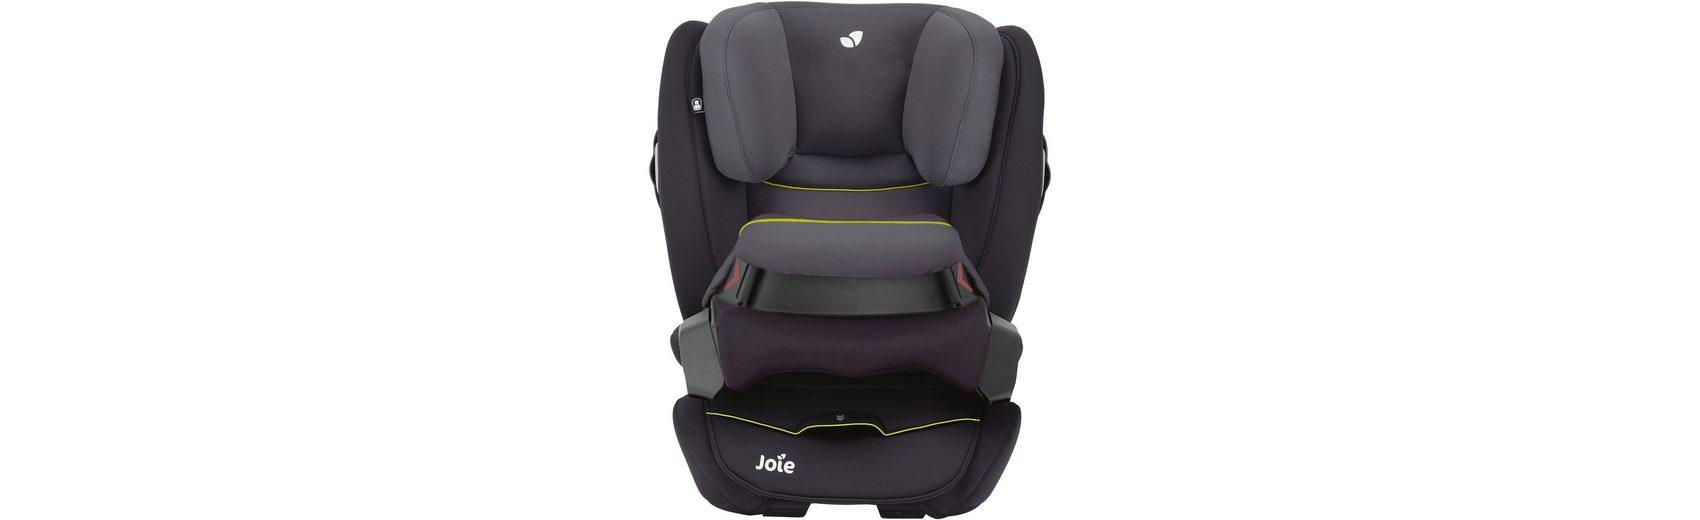 Joie Auto-Kindersitz Transcend, Urban